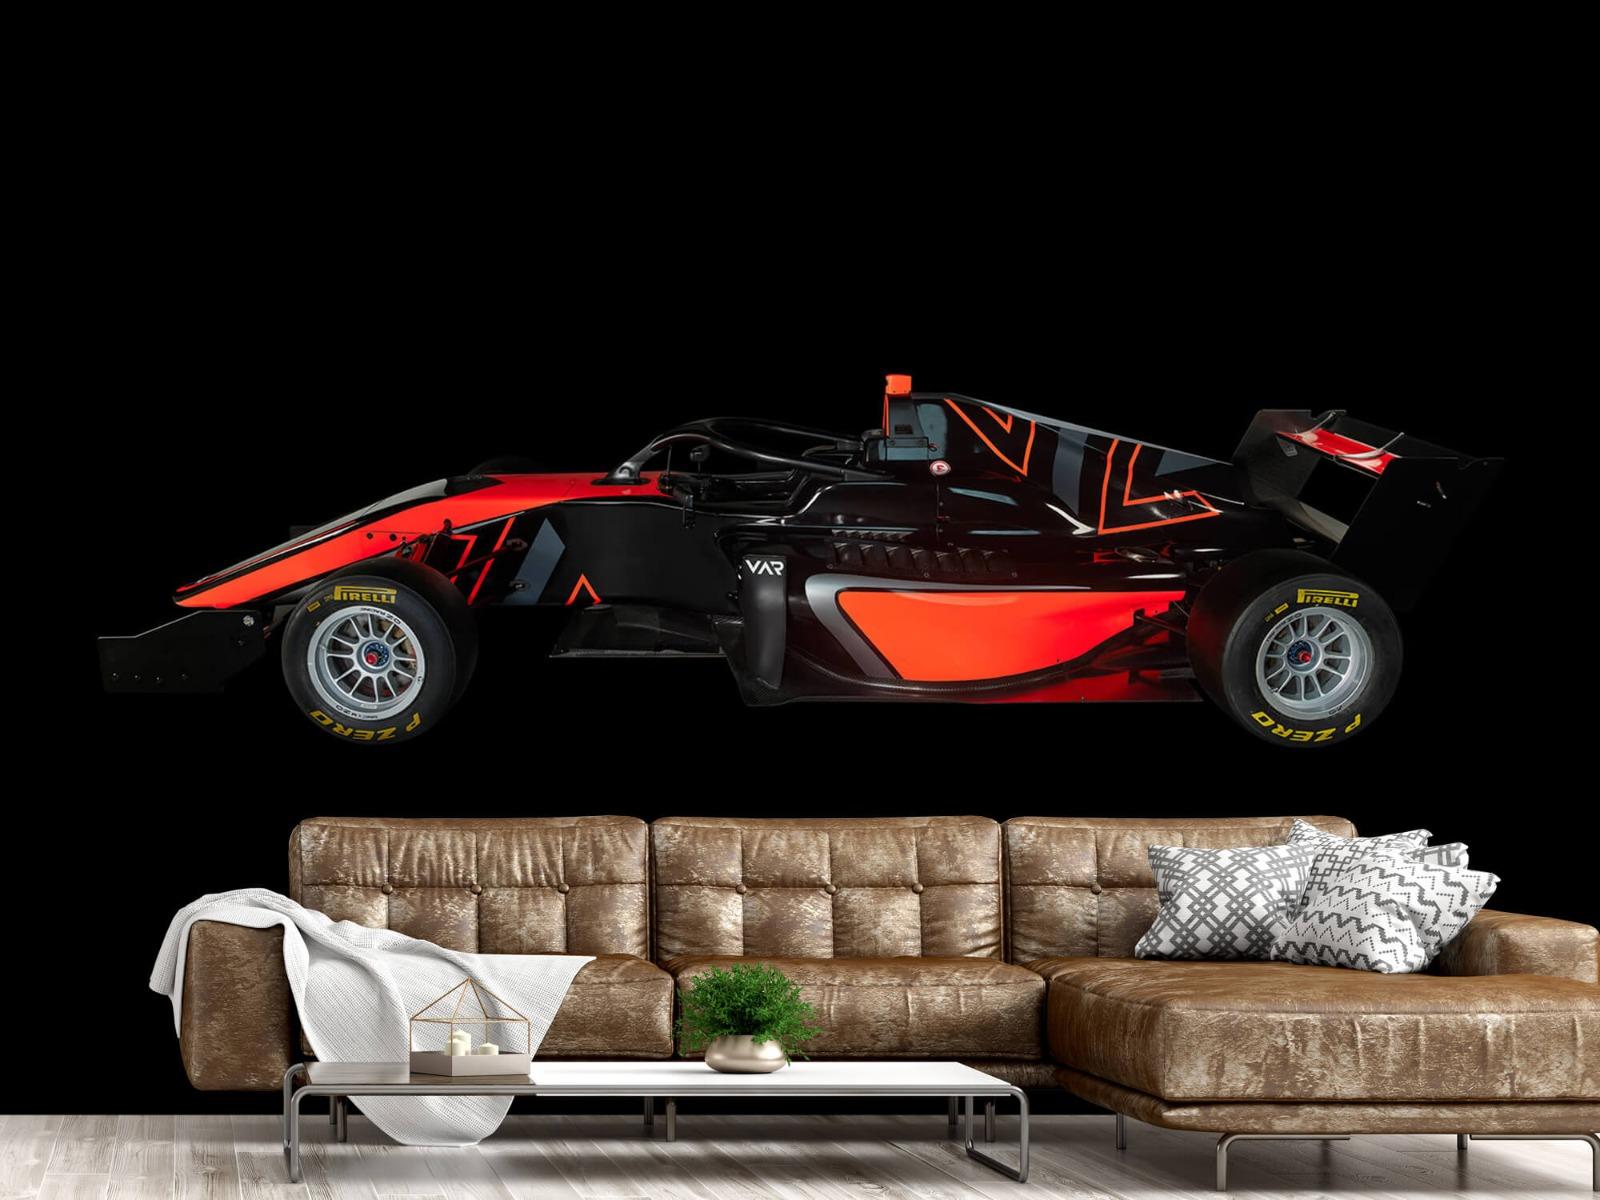 Sportauto's - Formula 3 - Side view - dark - Garage 15